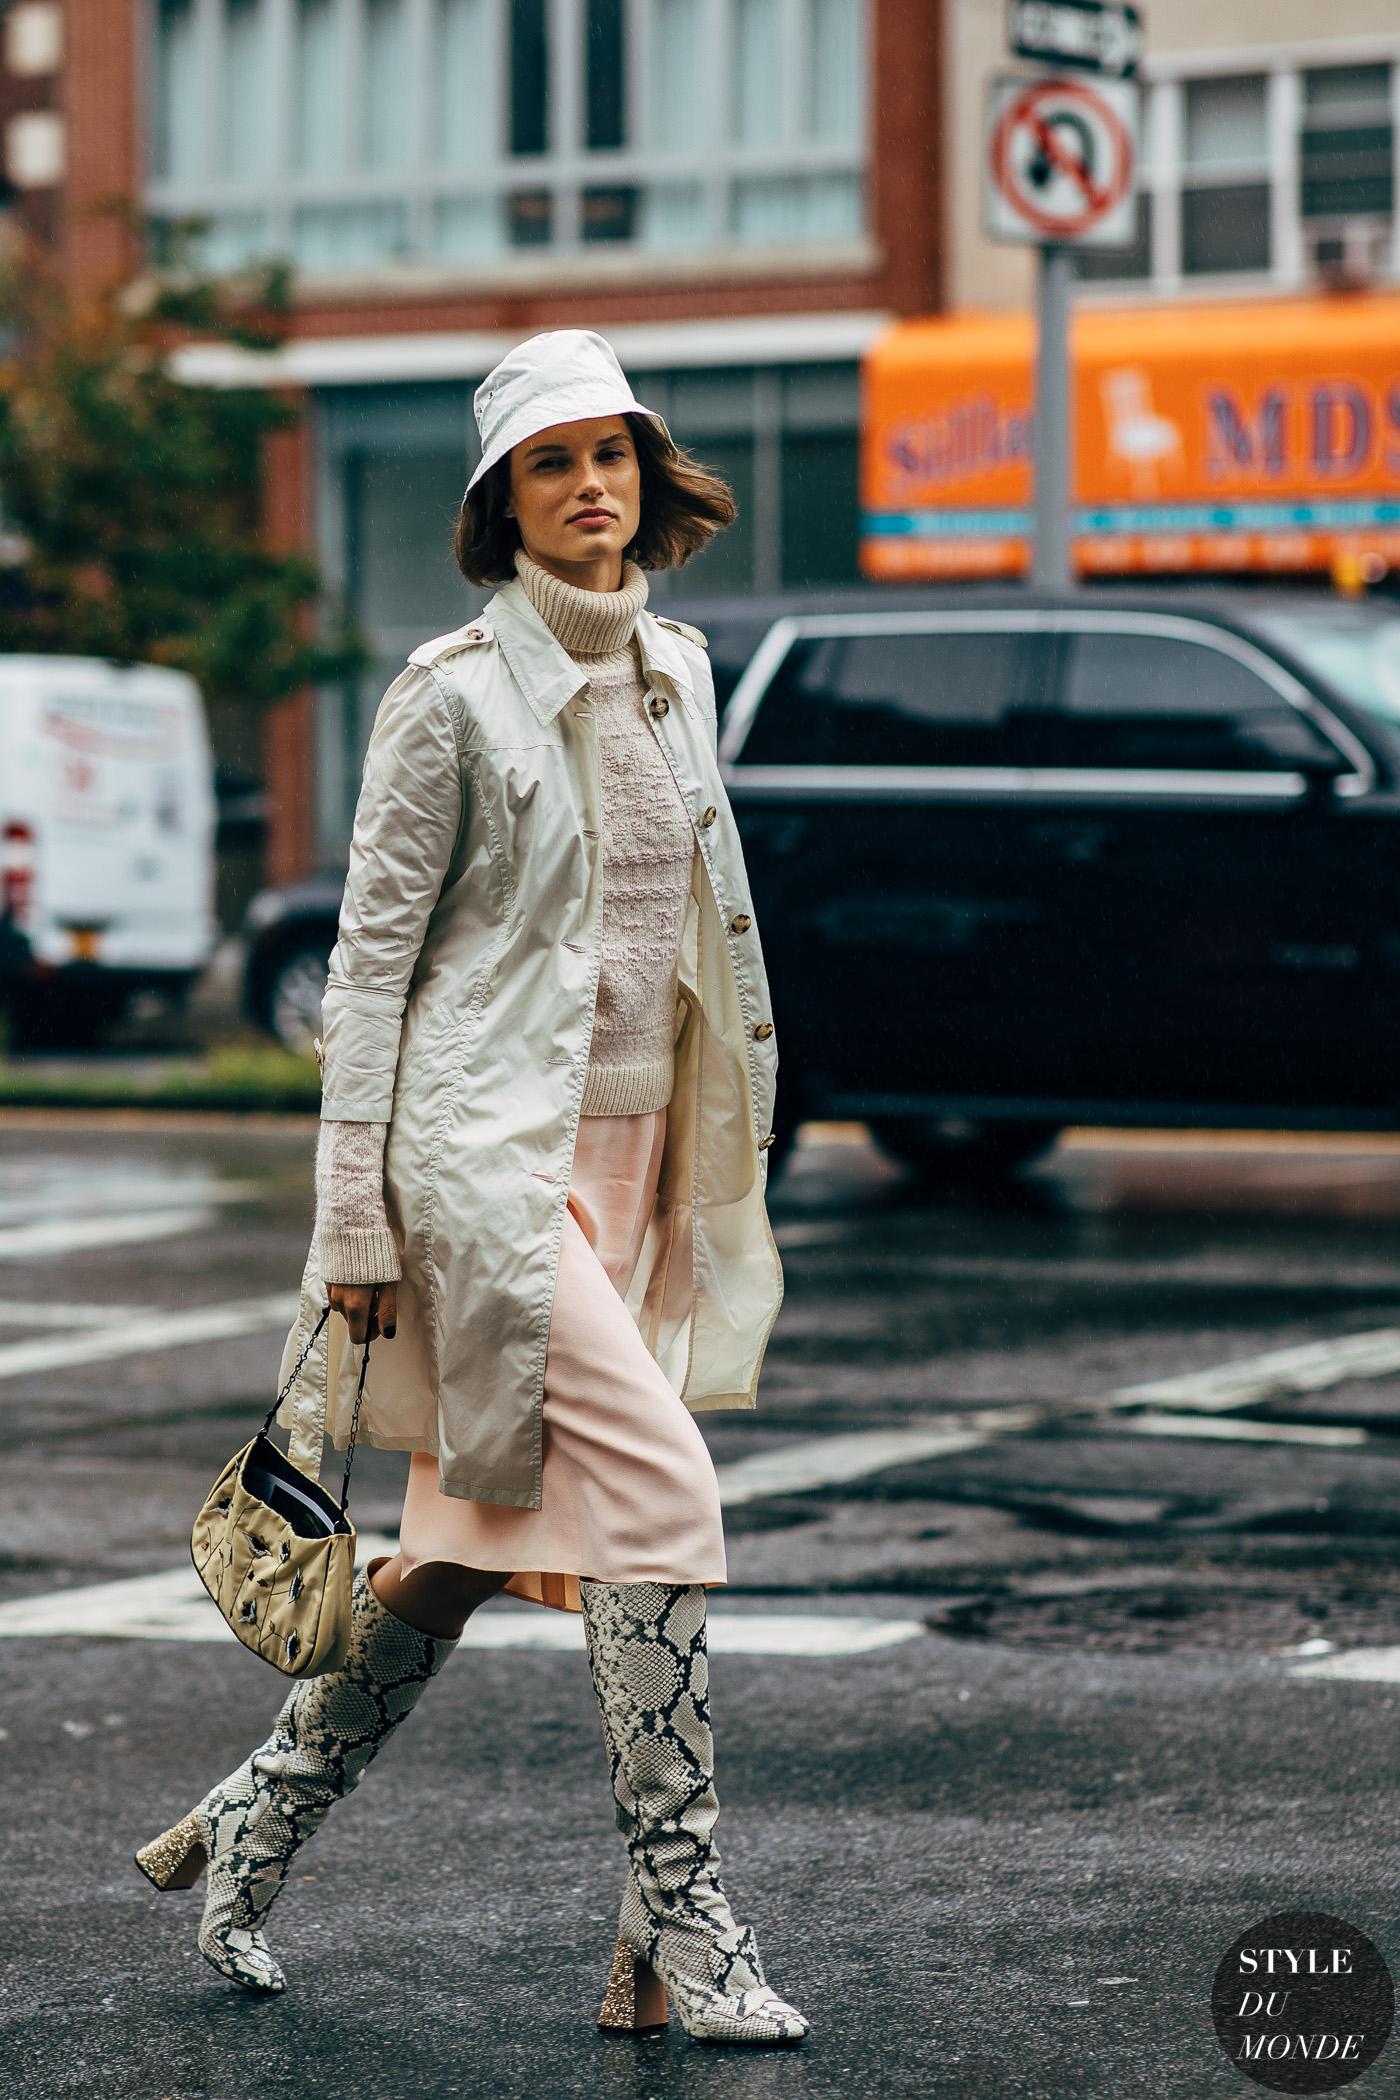 xu hướng thời trang mũ xô 2019 11